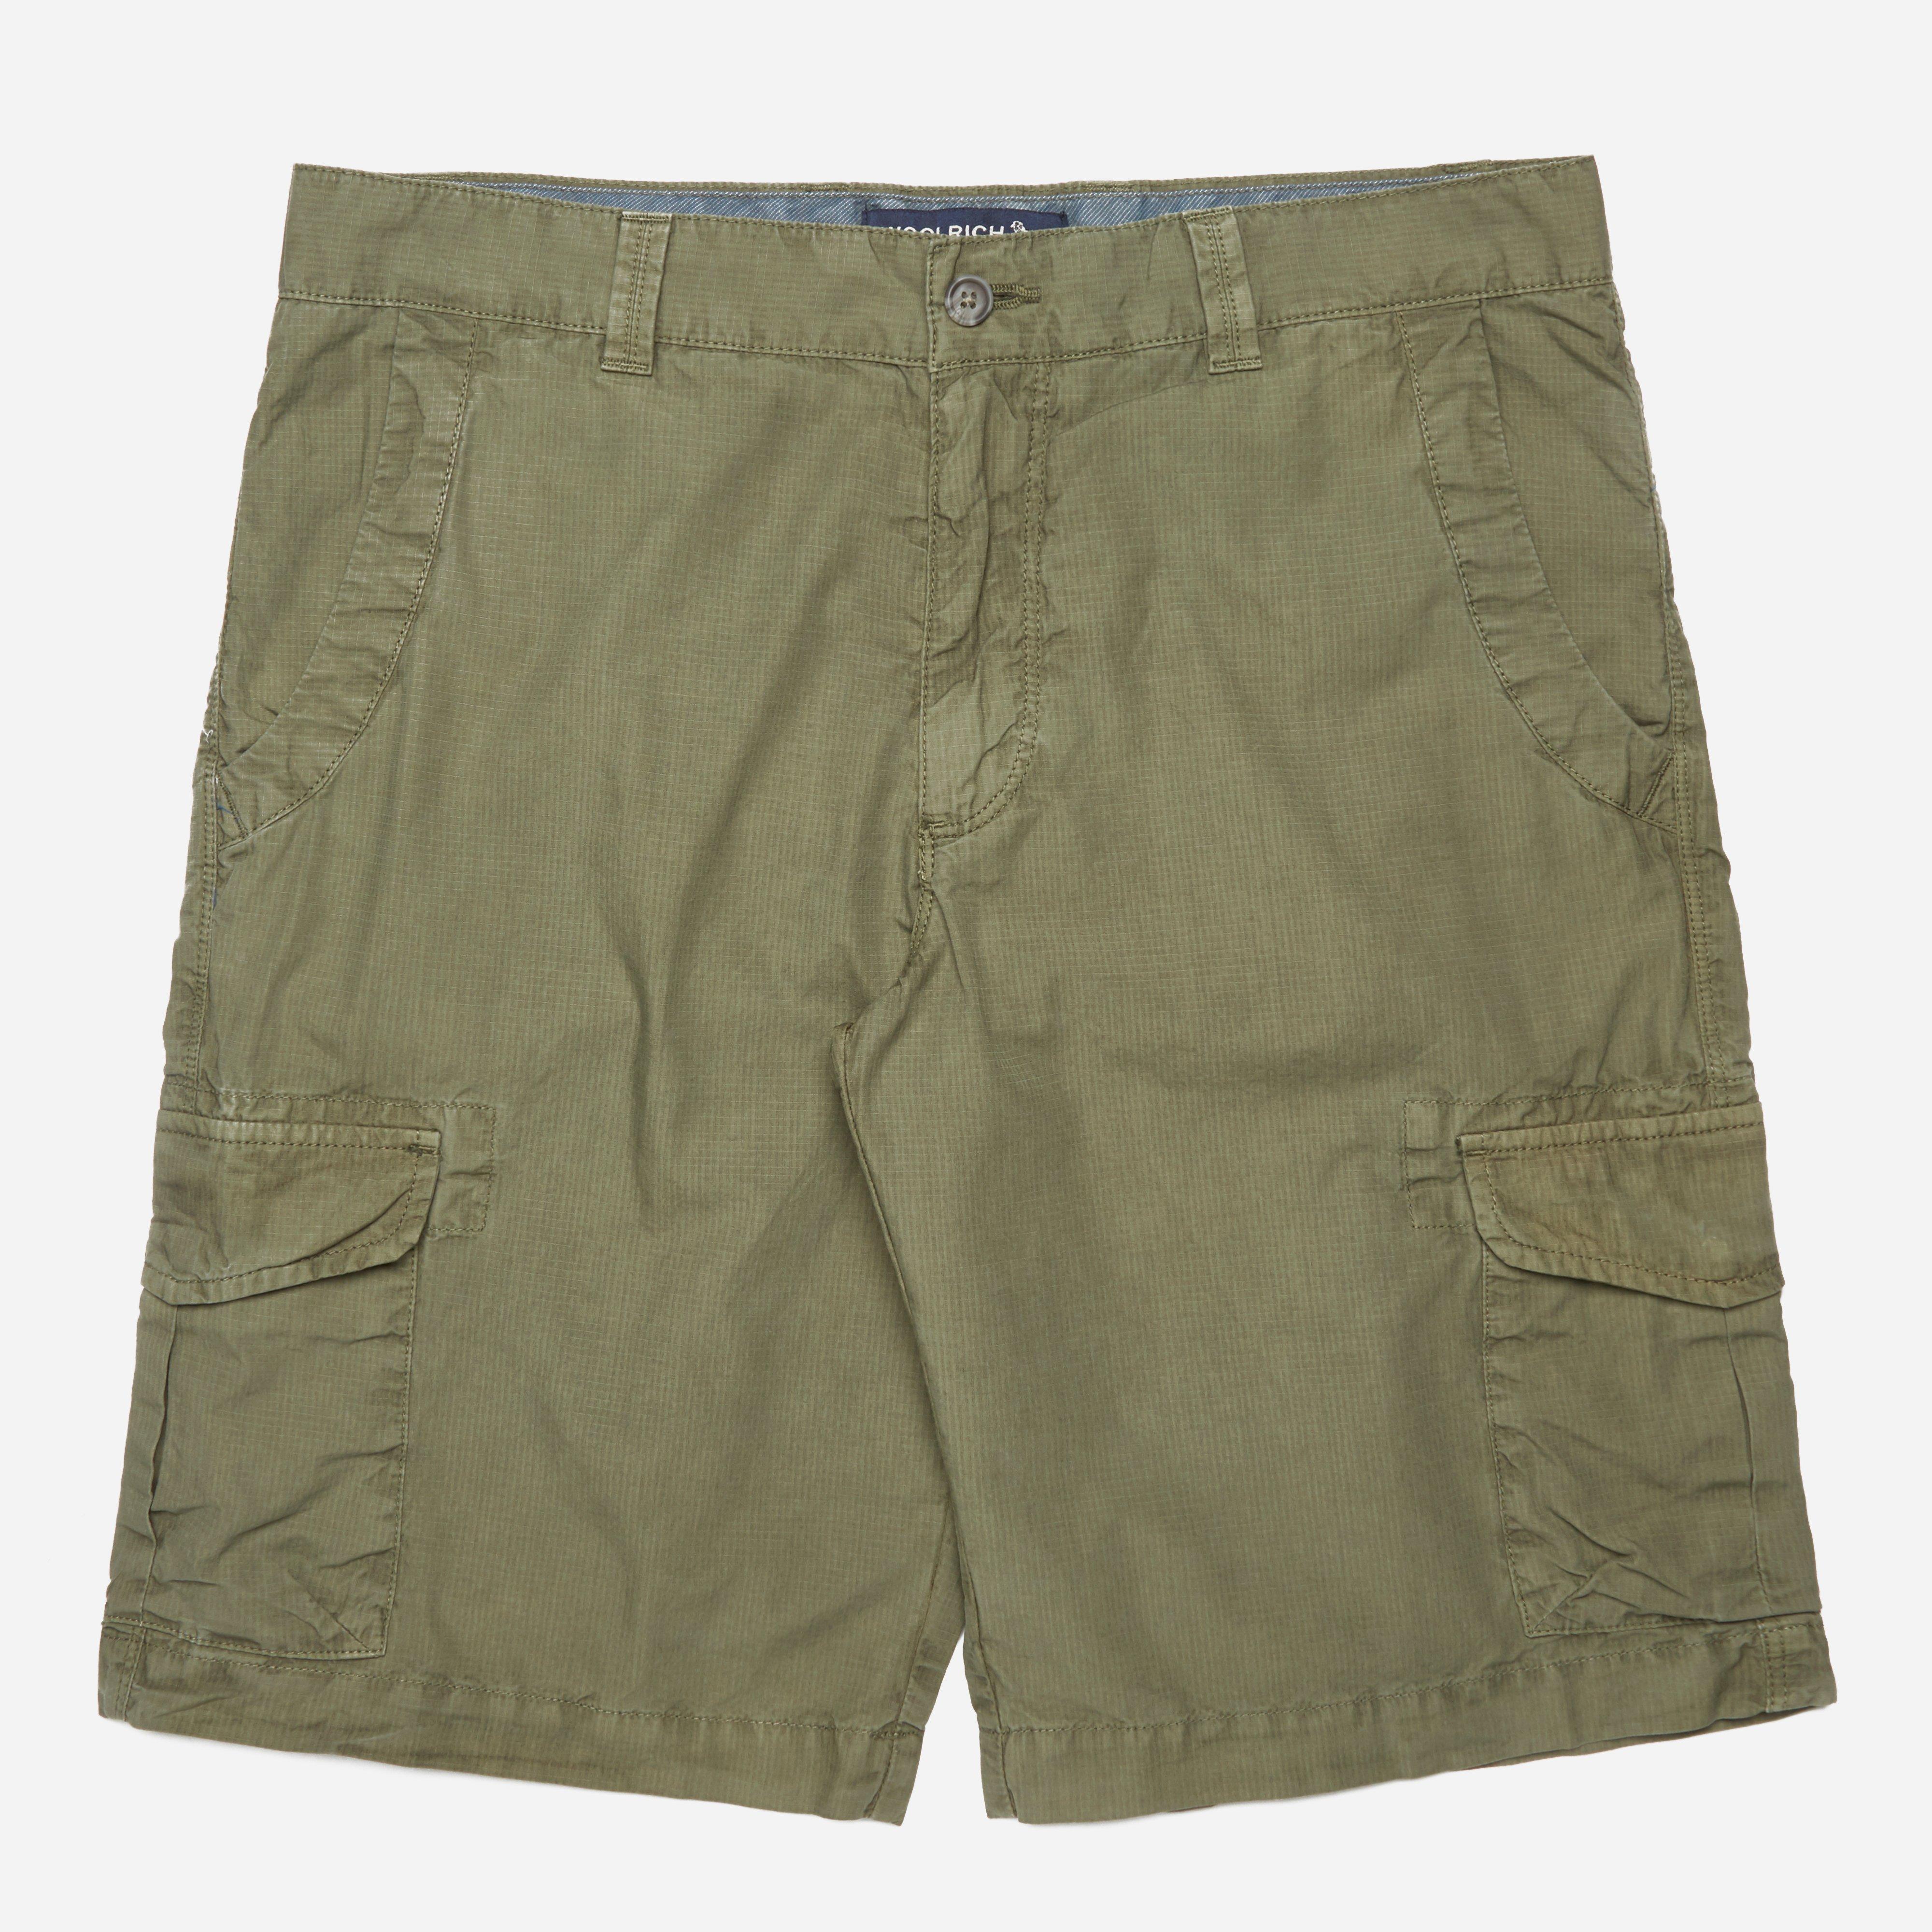 Woolrich Cargo Short